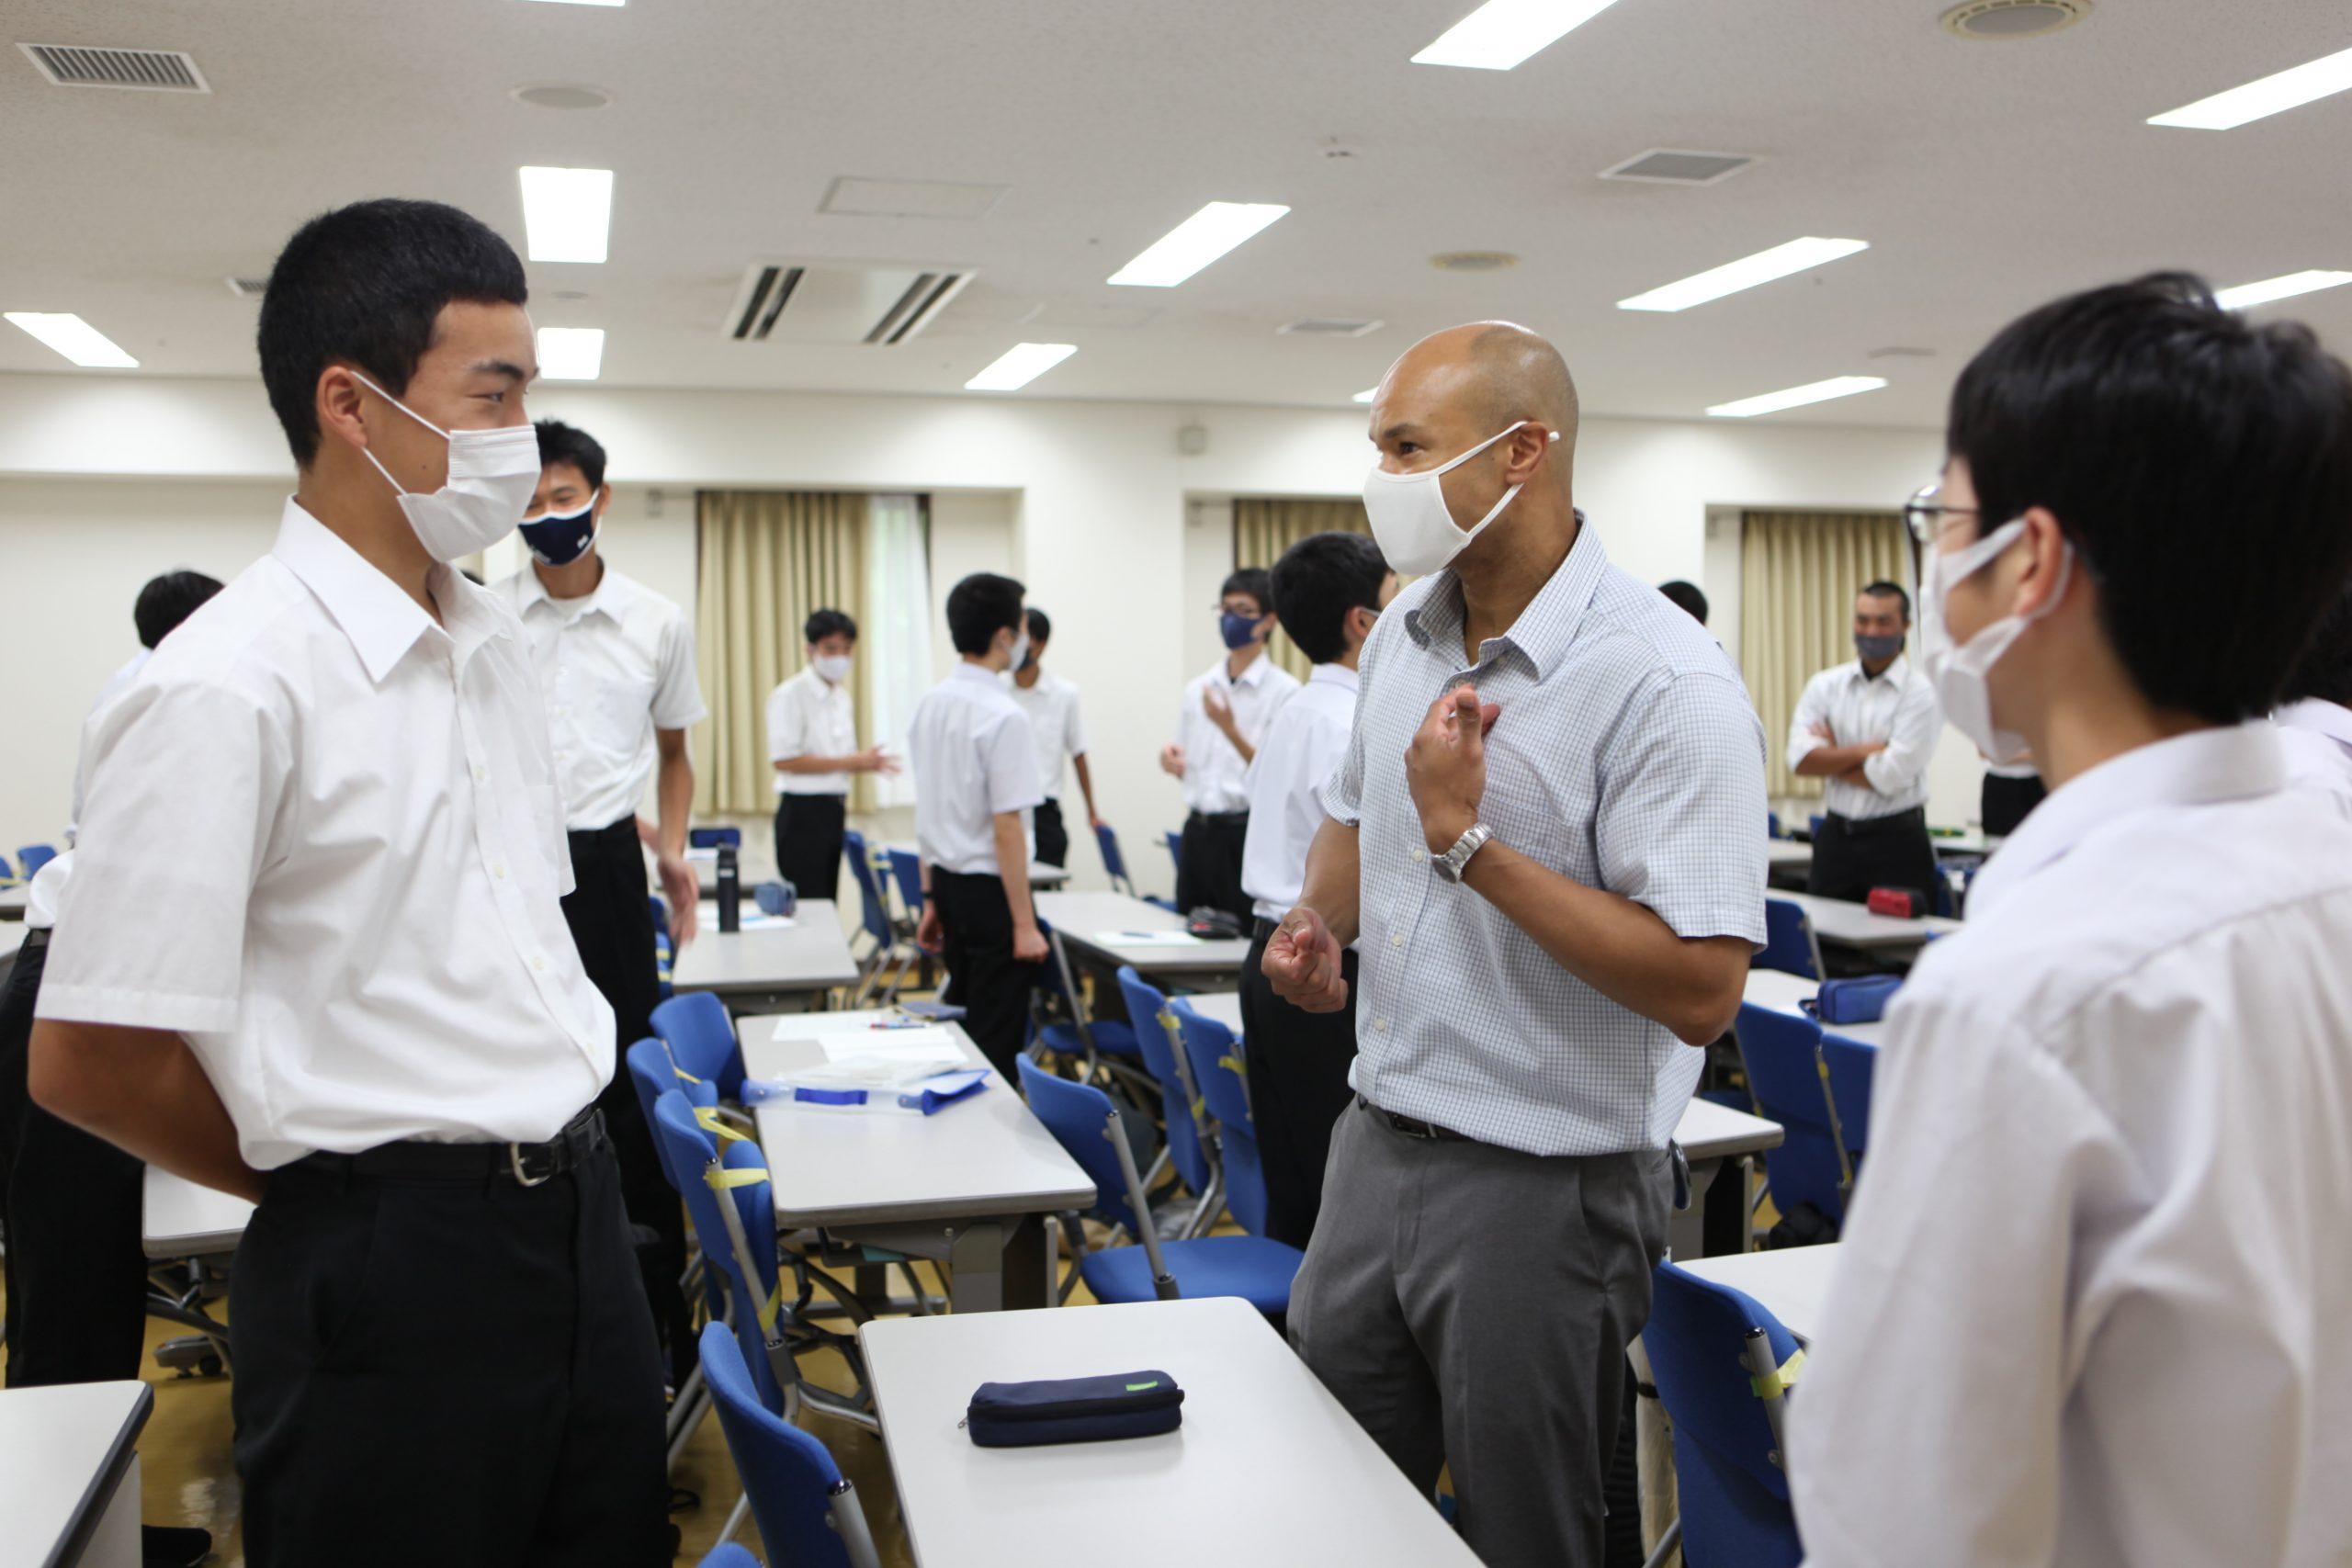 埼玉県立松山高等学校で英語プレゼンテーションの出張講義を実施しました